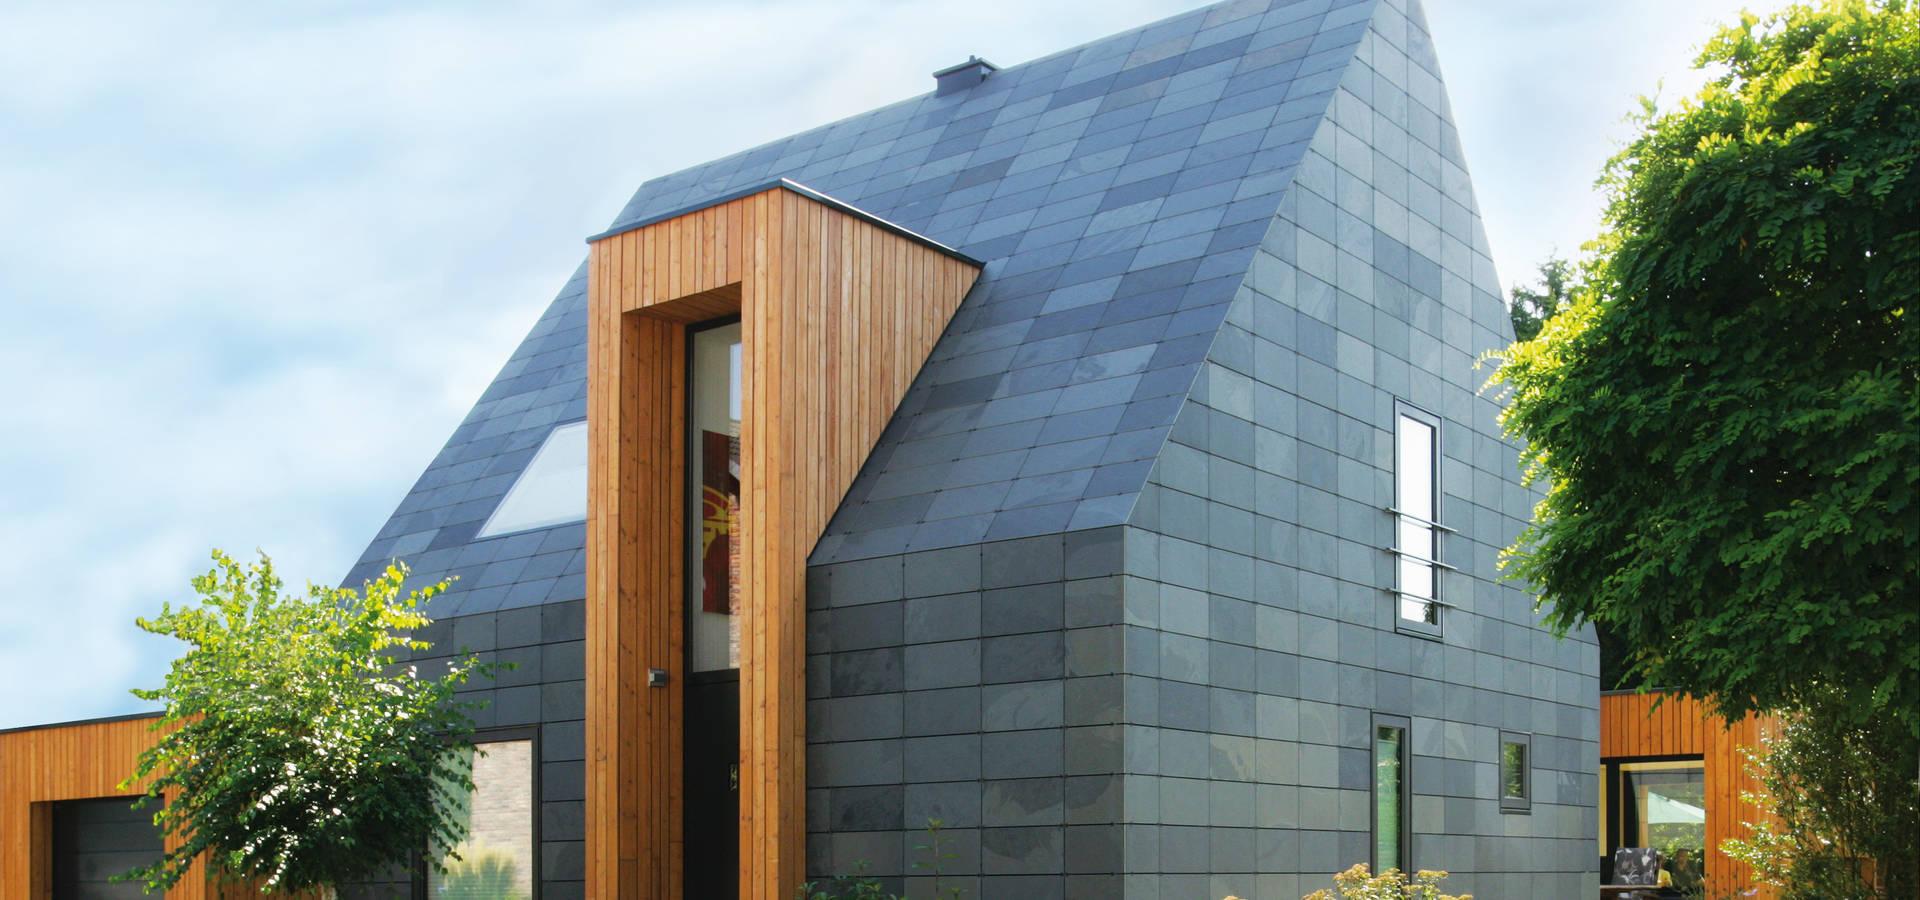 fassade und dach aus schiefer symmetrische deckung by rathscheck schiefer und dach systeme zn. Black Bedroom Furniture Sets. Home Design Ideas